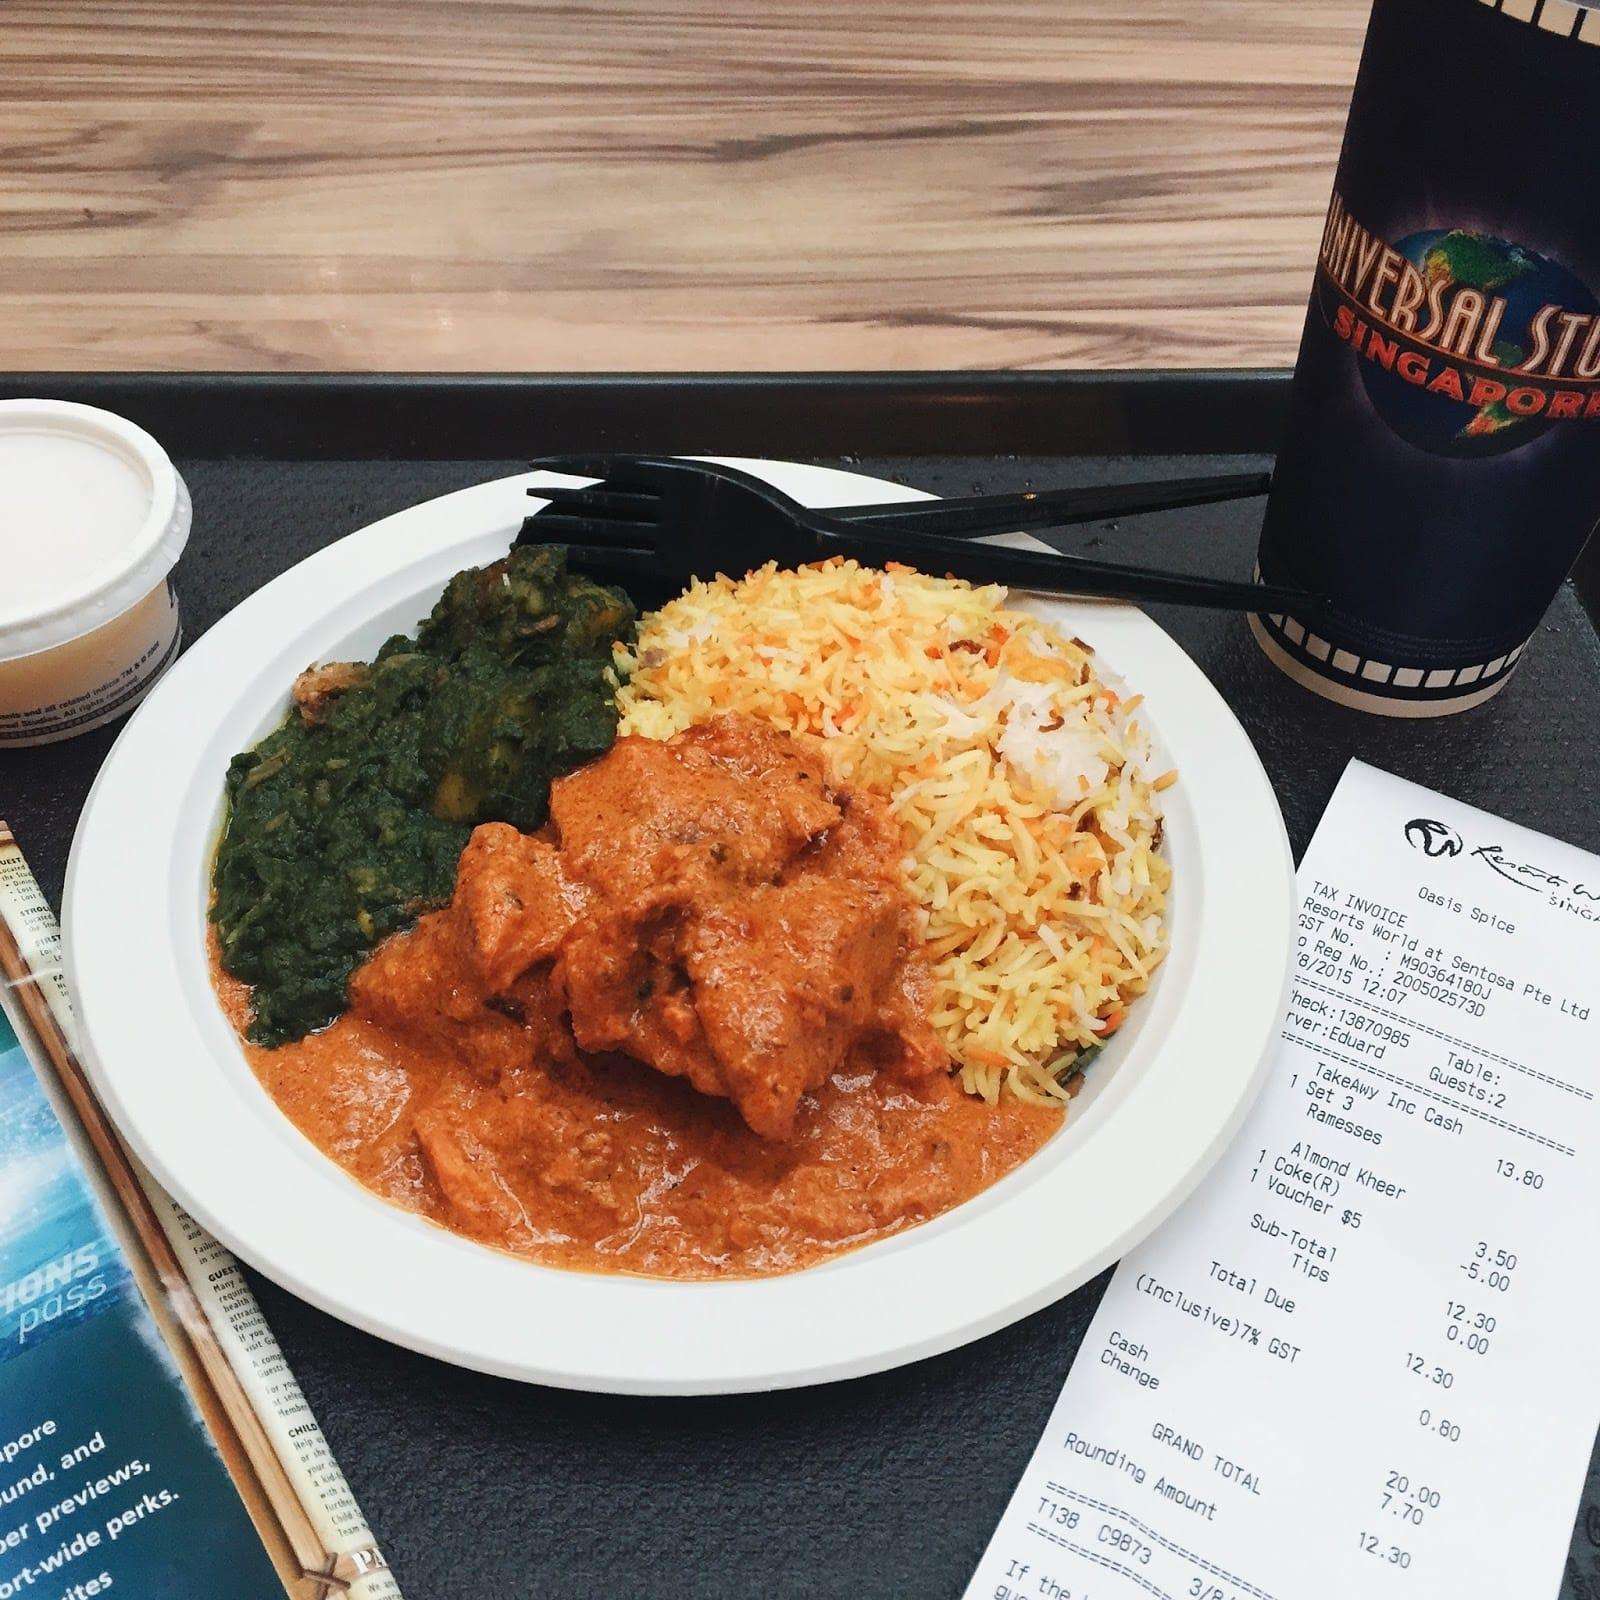 cafe oasis spice là một trong những quán ăn có chứng nhận halal ở sentosa